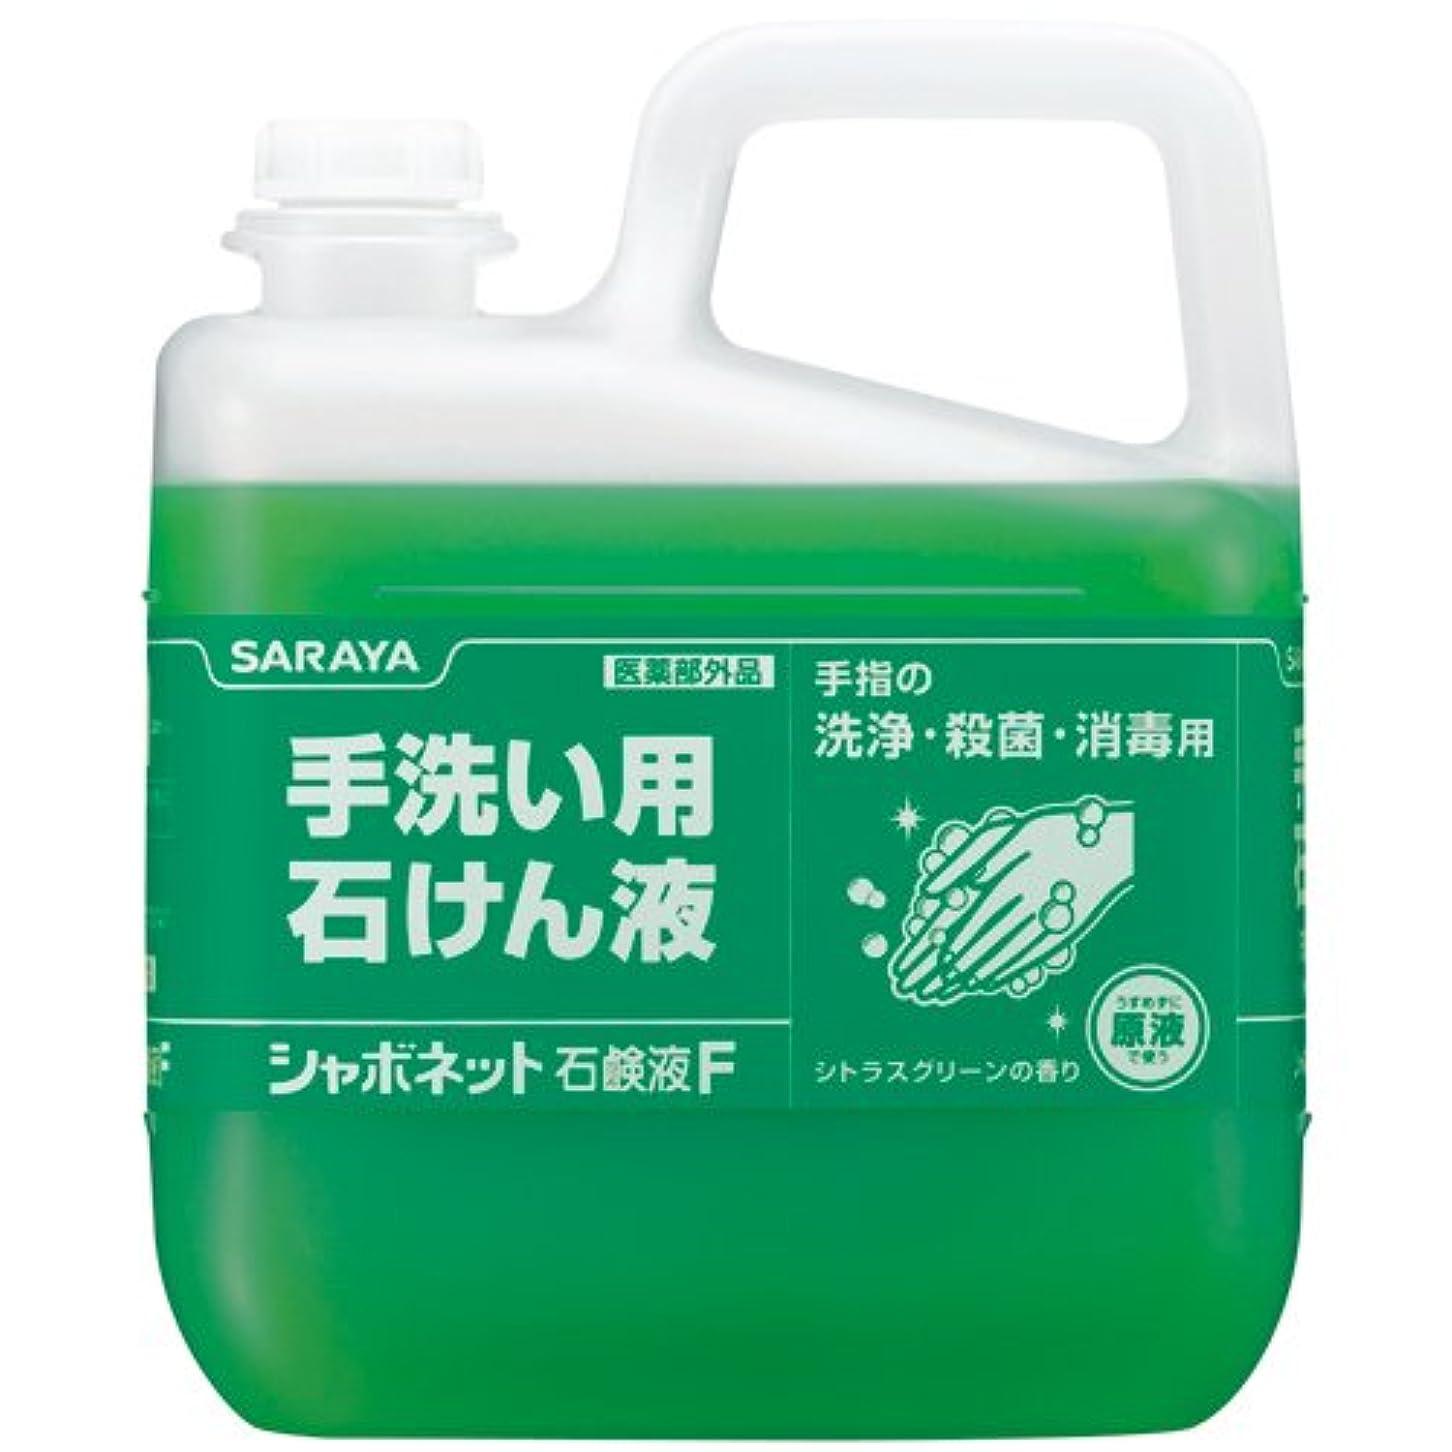 ありそう買い手地雷原サラヤ シャボネット 石鹸液 業務用 5kg